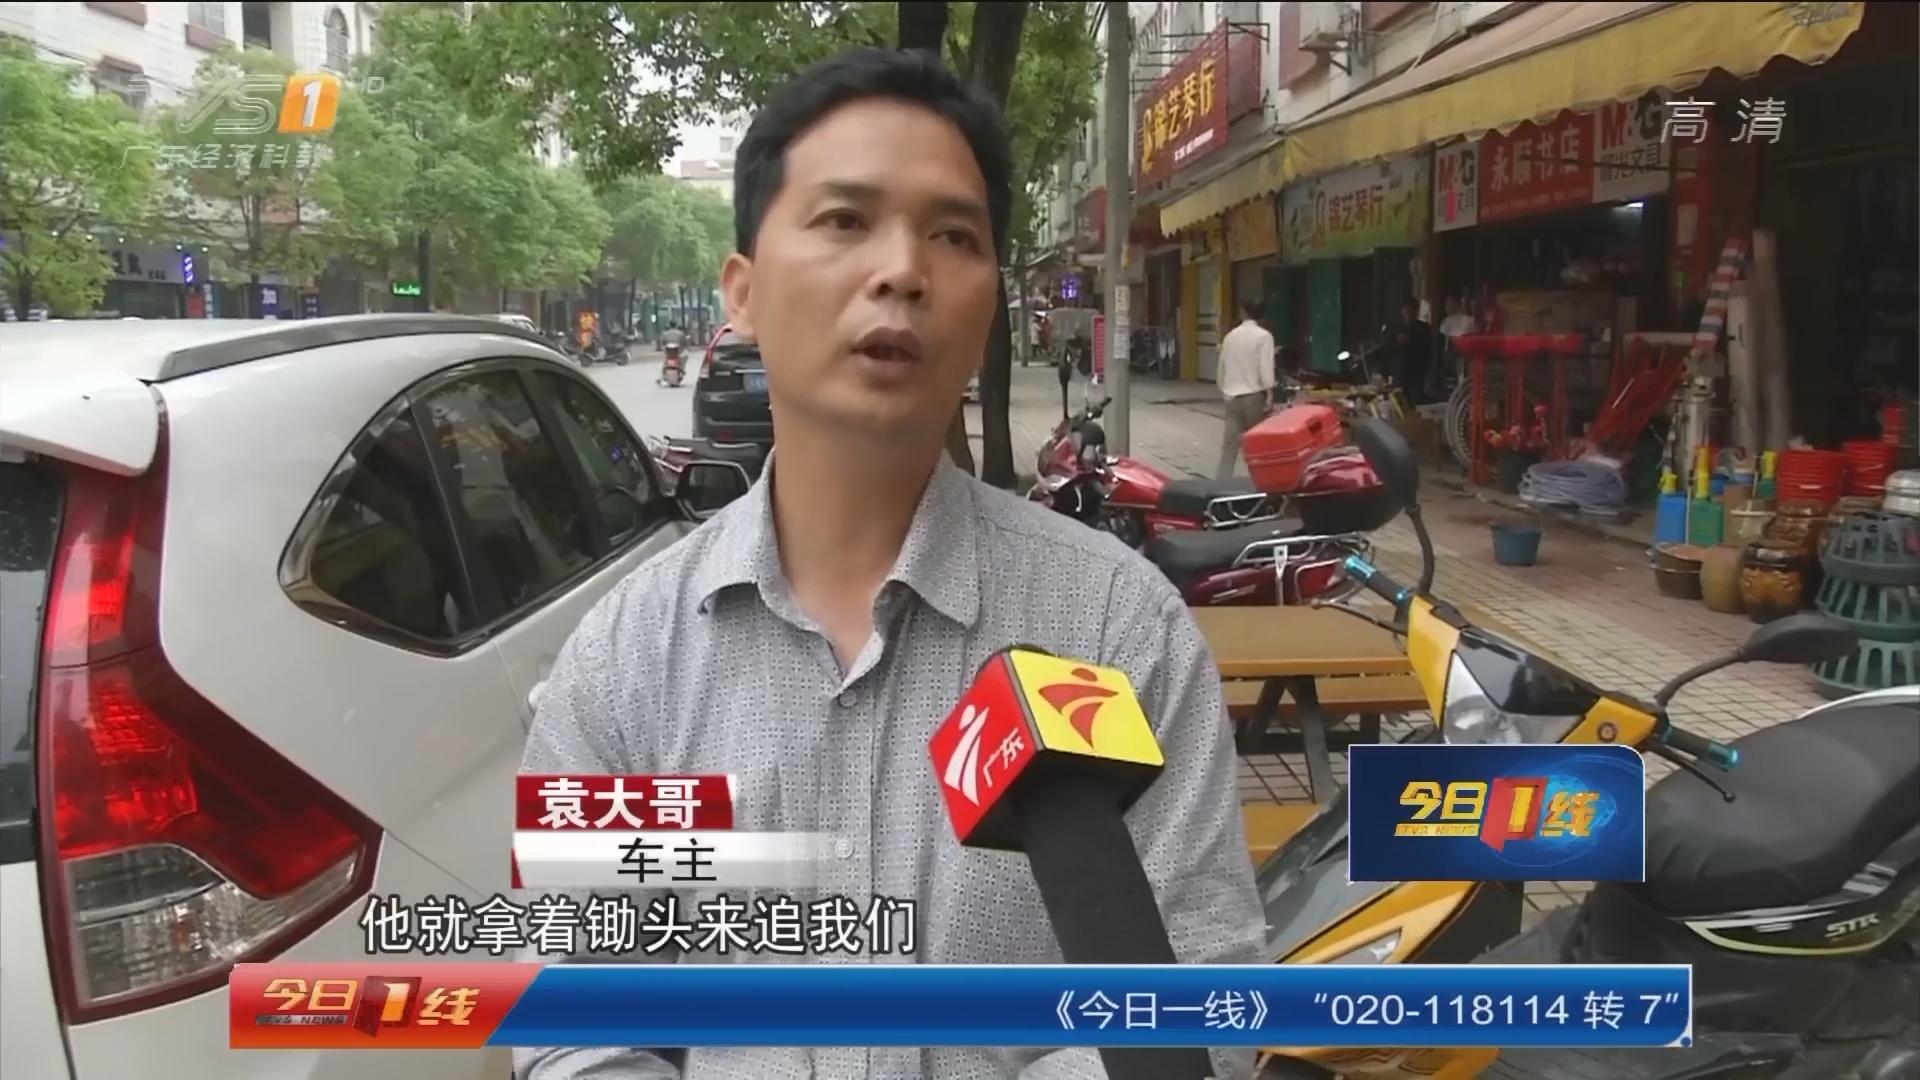 清远英德:男子手持锄头 怒砸小车和ATM机